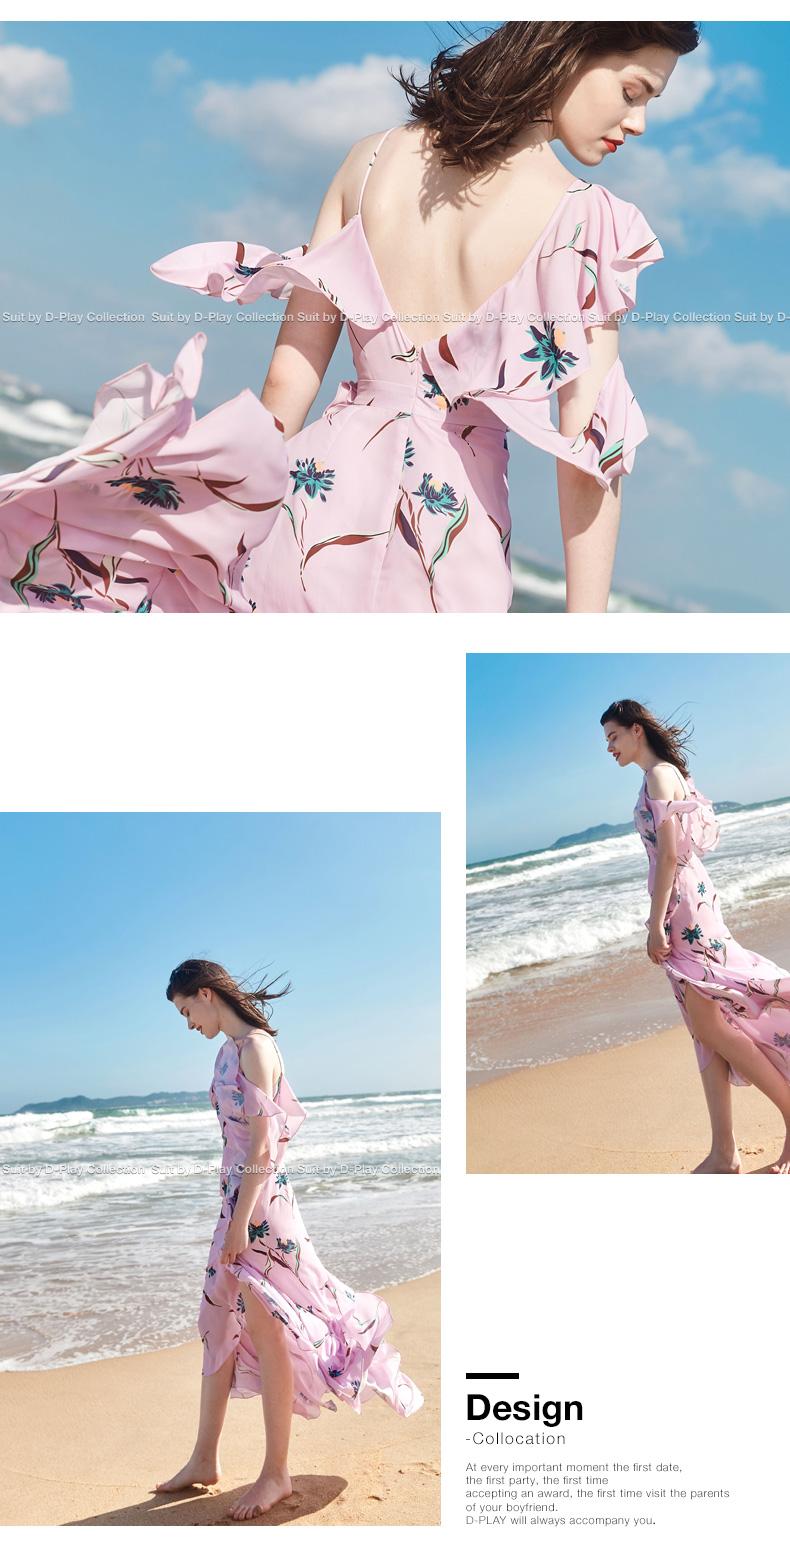 DPLAY2018 Mùa hè Mới Châu Âu và Mỹ Nền Tảng In Dây Đeo Rò Rỉ-vai Xù Dài Bãi Biển Váy